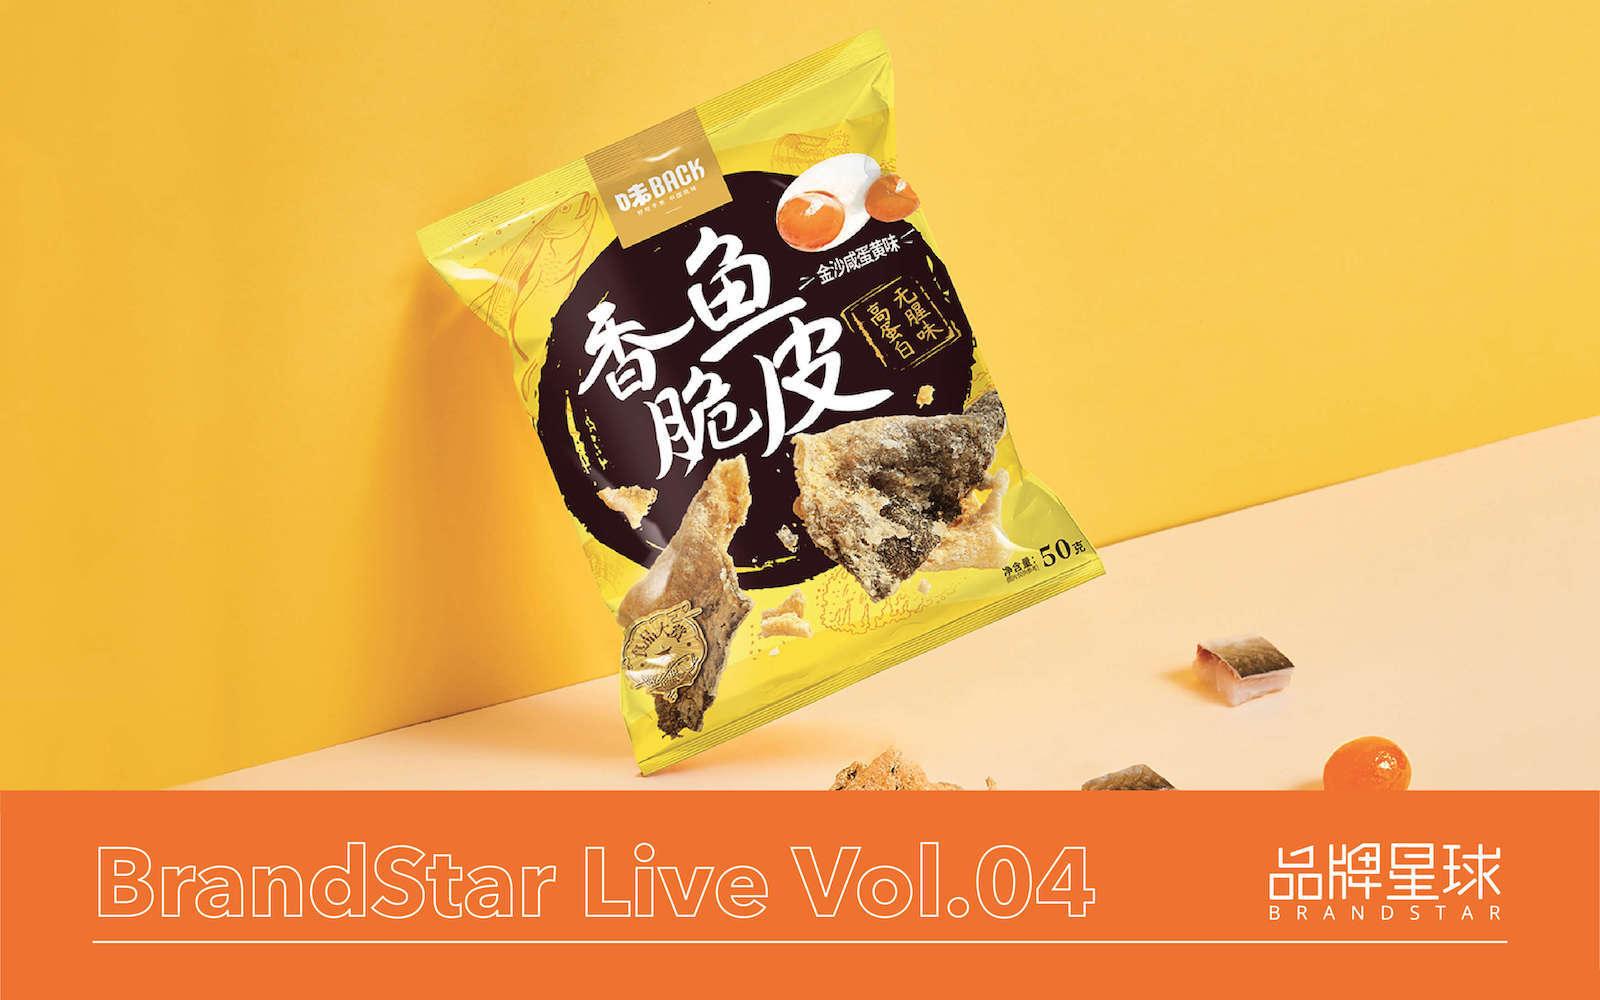 国风零食创新品牌「味BACK」创始人王致祥 | BrandStar访谈 Vol.04